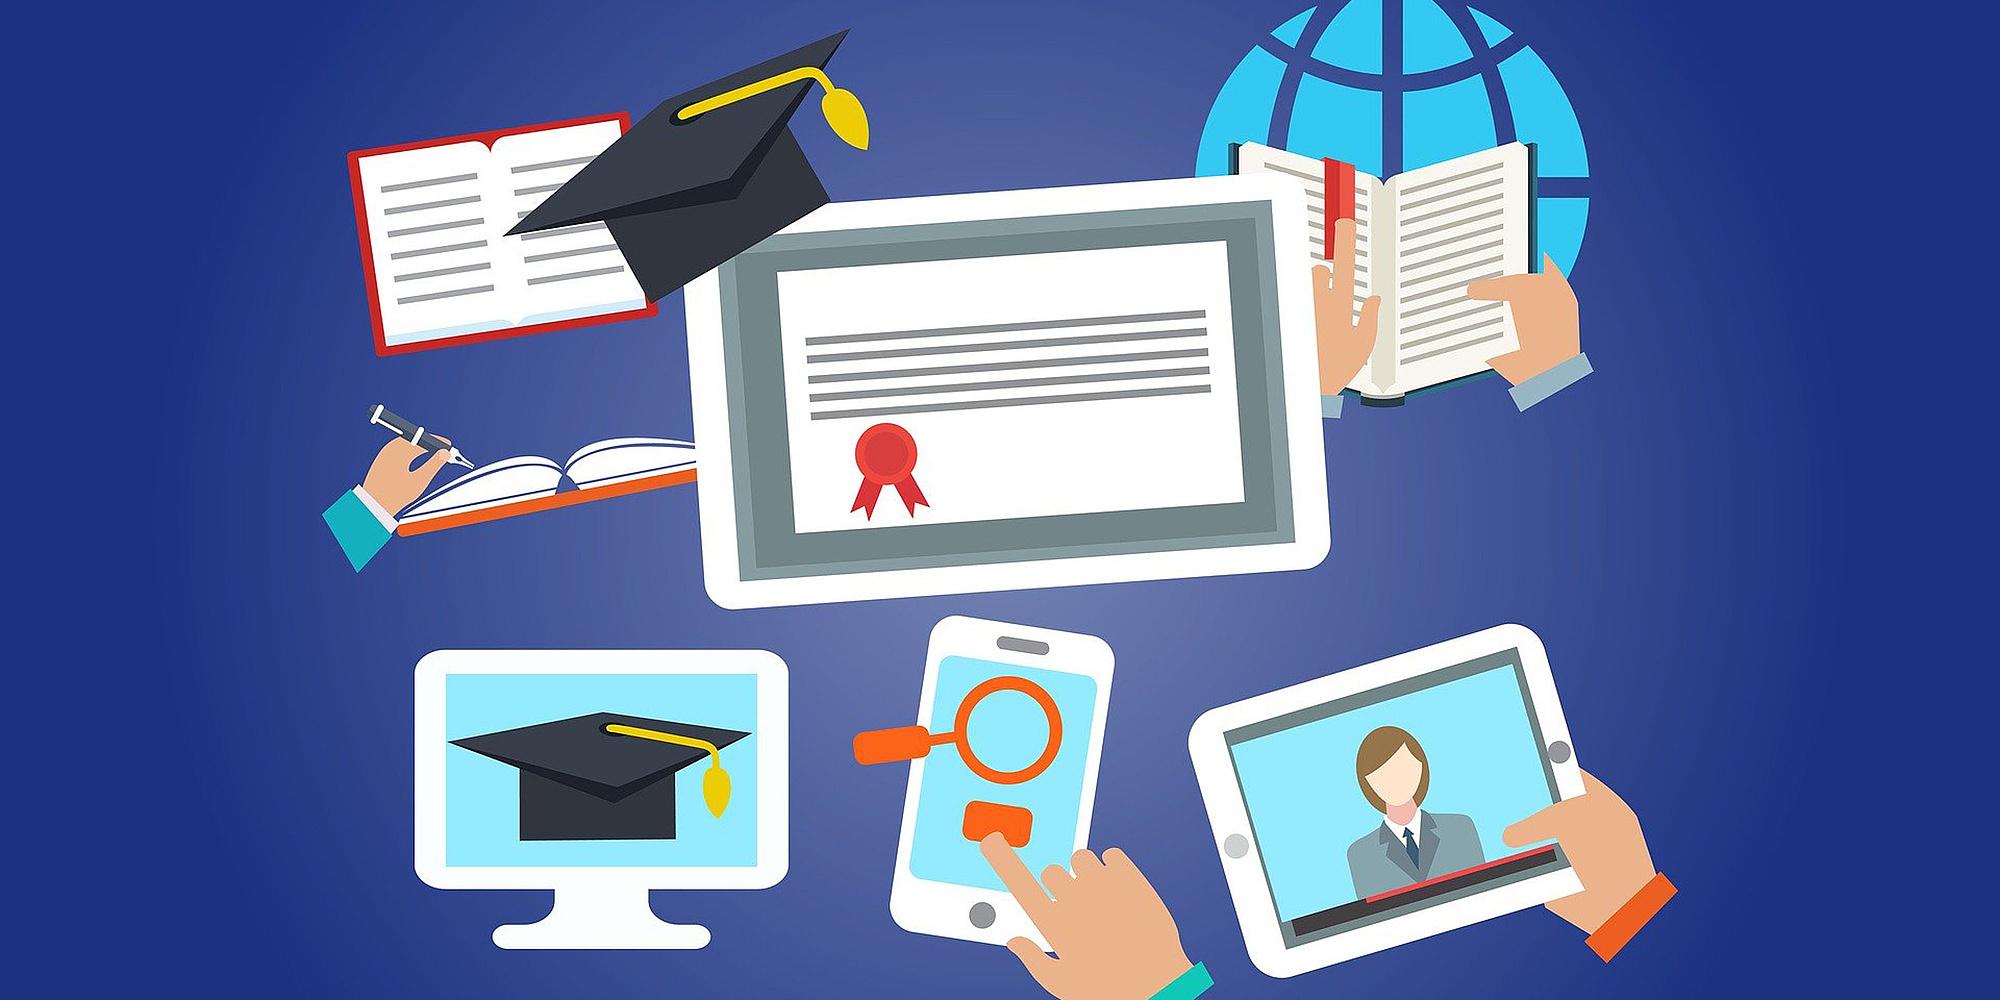 Grafik mit unterschiedlichen Elementen, darunter ein Zertifikat, ein Laptop und ein Doktorhut